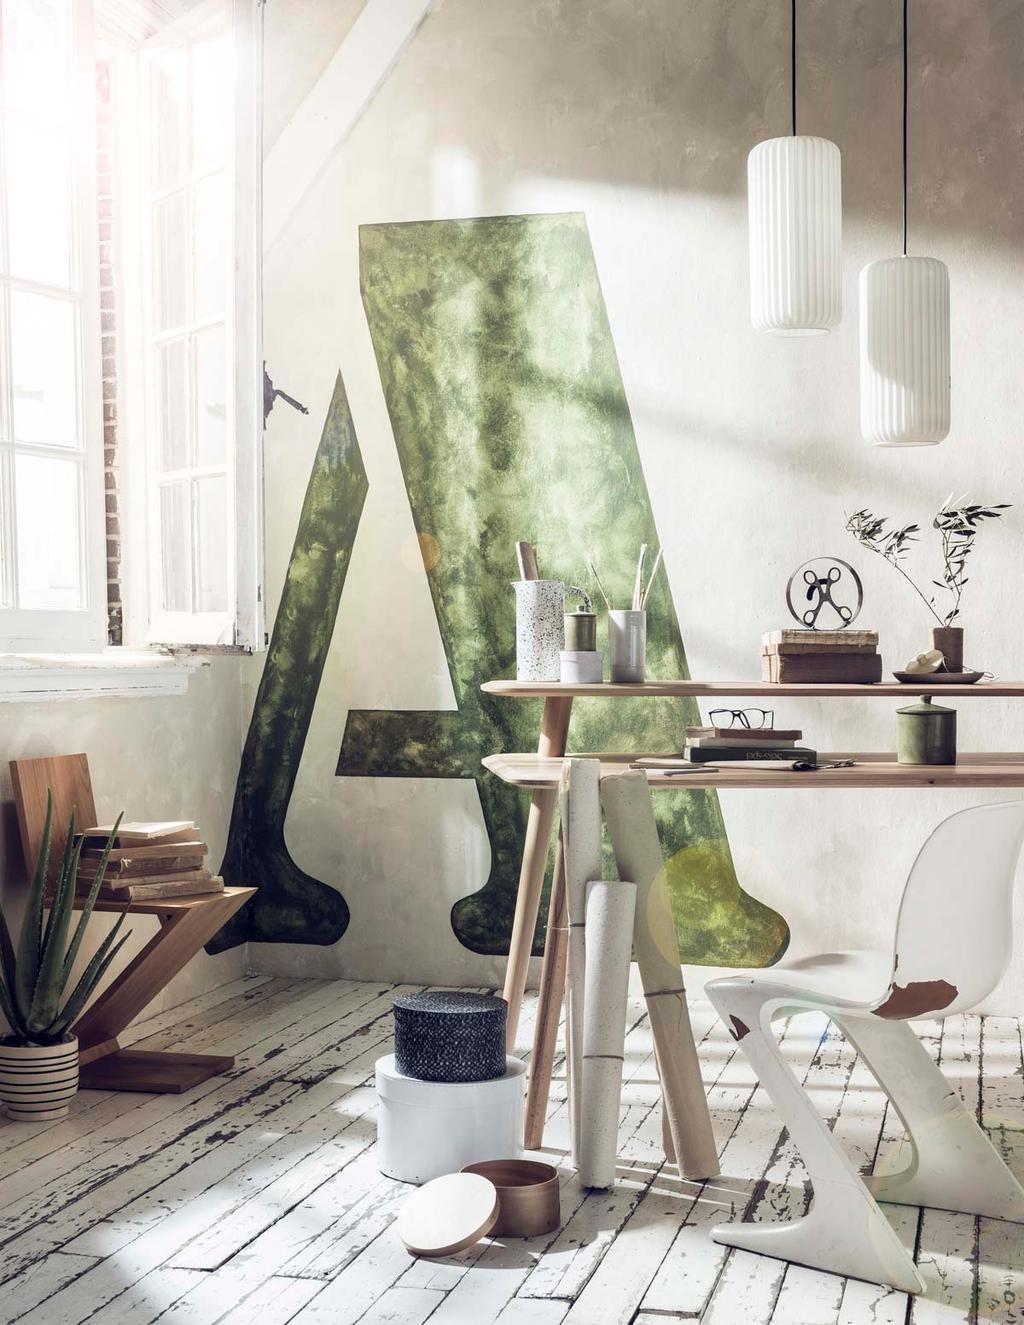 Werkkamer met groene letter als muurschildering